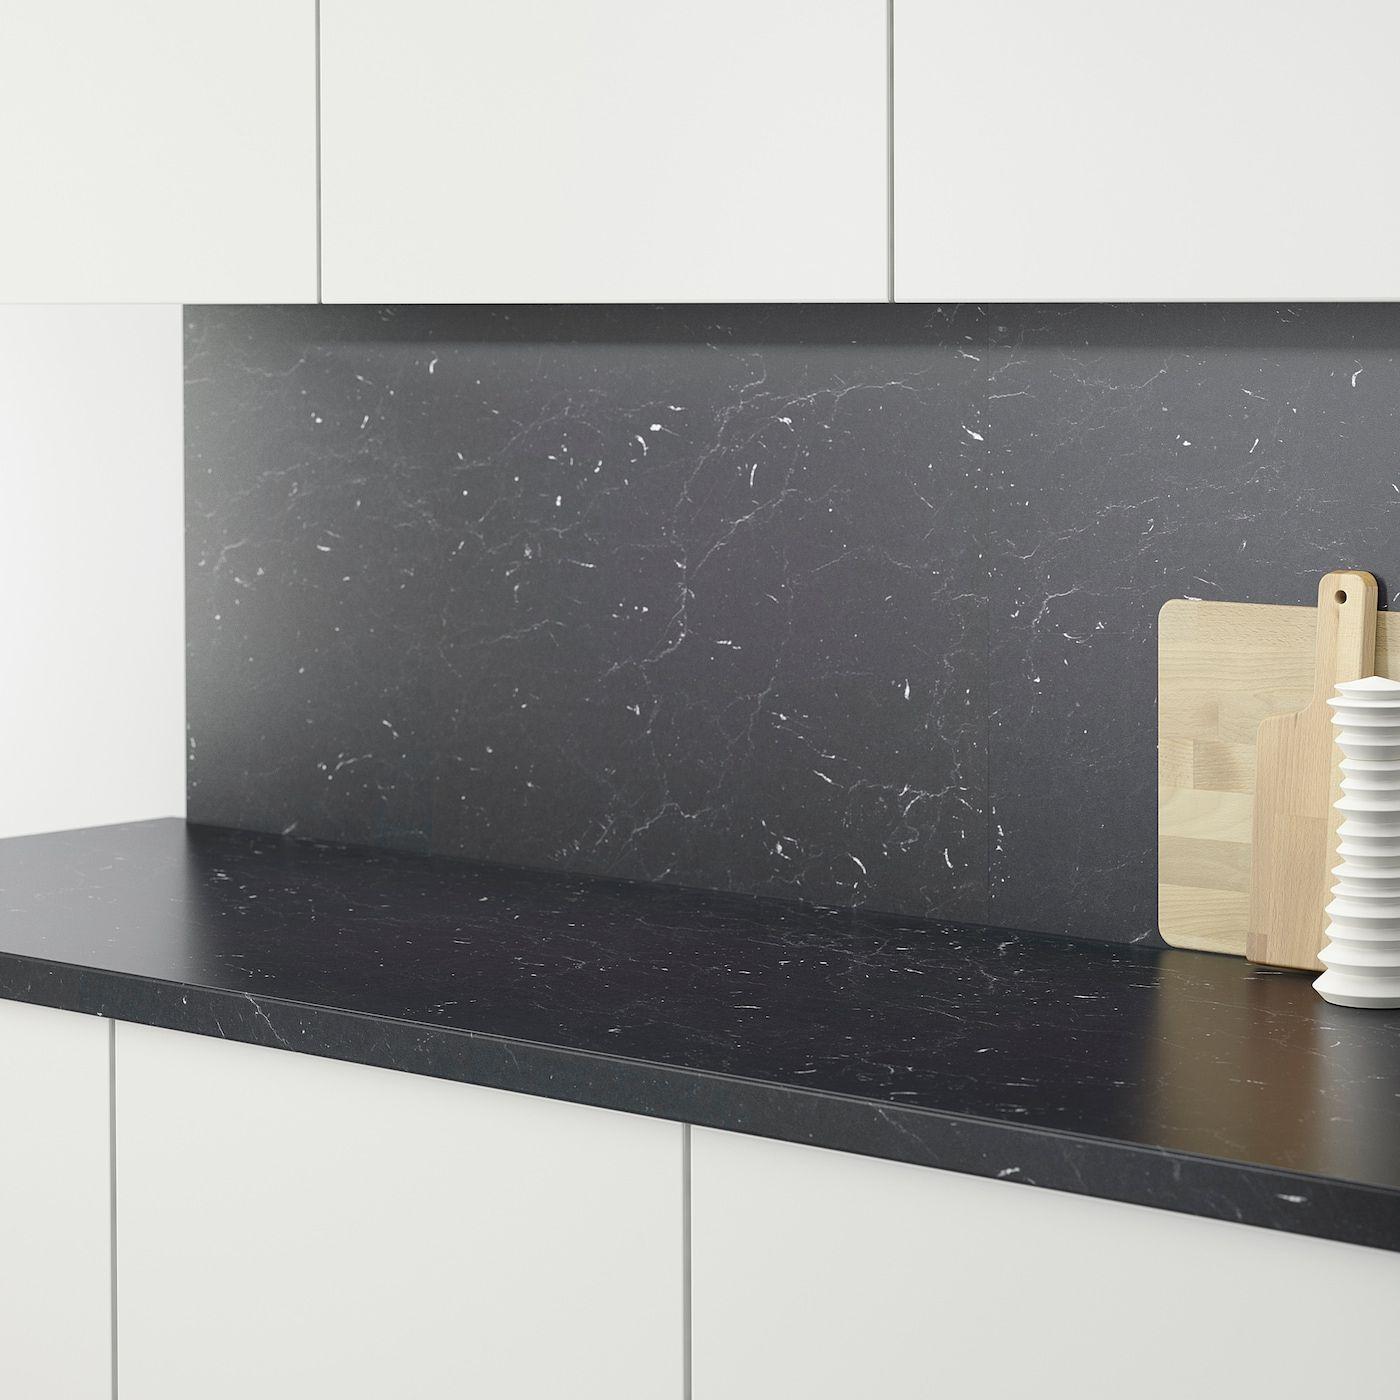 Saljan Arbeitsplatte Schwarz Marmoriert Laminat Ikea Osterreich In 2020 Countertops Black Marble Countertops Marble Countertops Kitchen